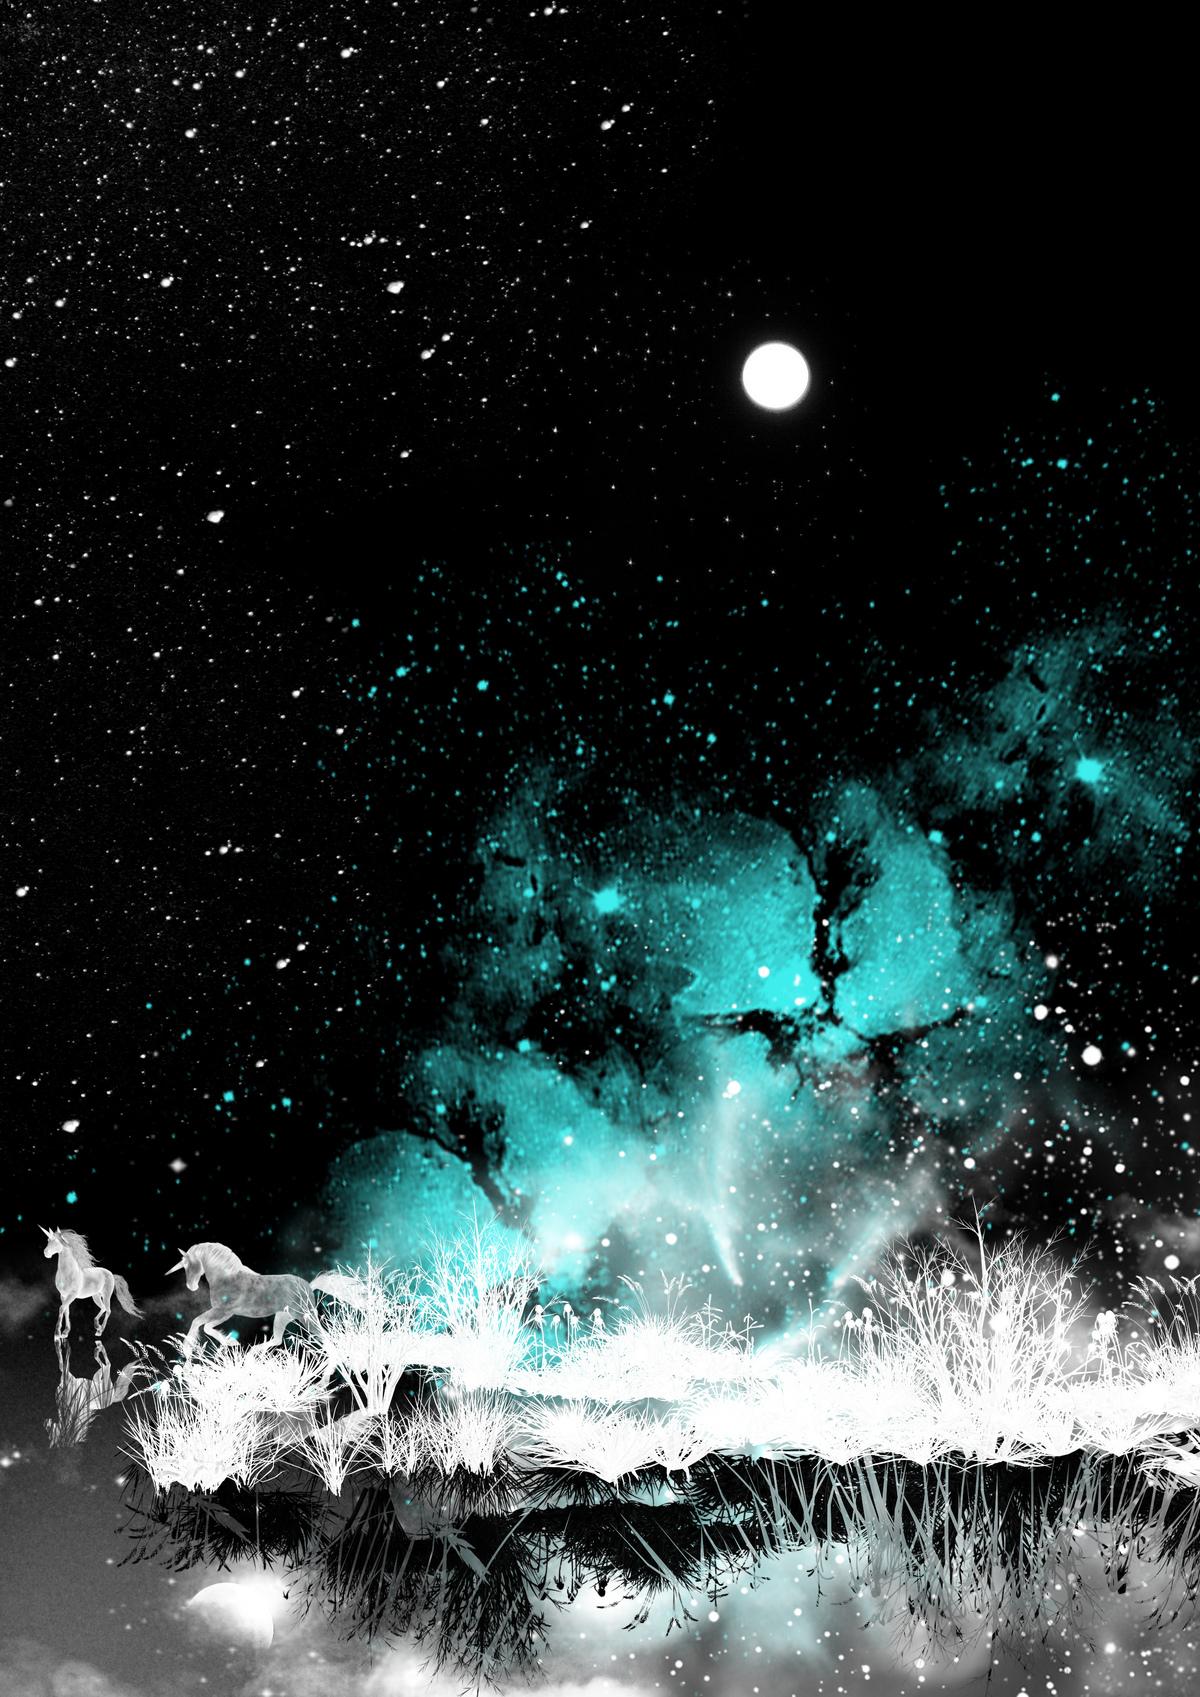 unicorn's night